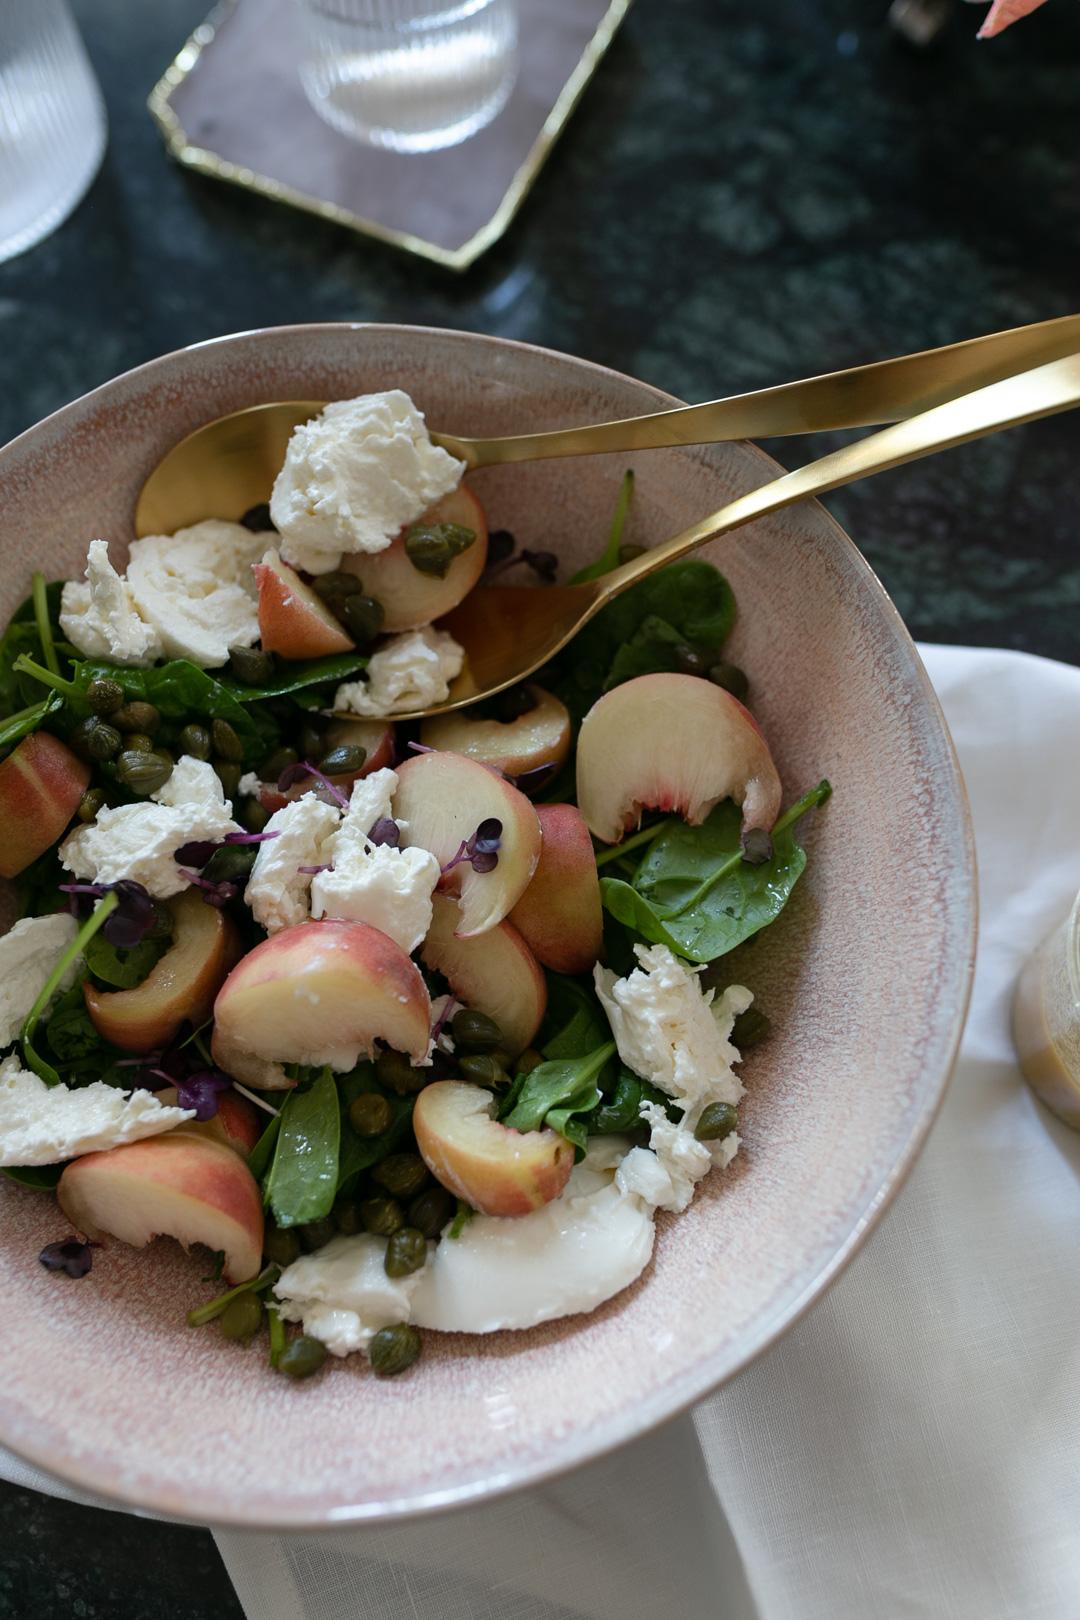 Ihr wollt euch den Sommer nochmal in die Küche holen? Dann ist dieses Rezept für einen spätsommerlichen Spinatsalat mit Weinbergpfirsichen und Burrata genau das Richtige für euch! Mehr Rezepte findet ihr auf www.piecesofmariposa.com